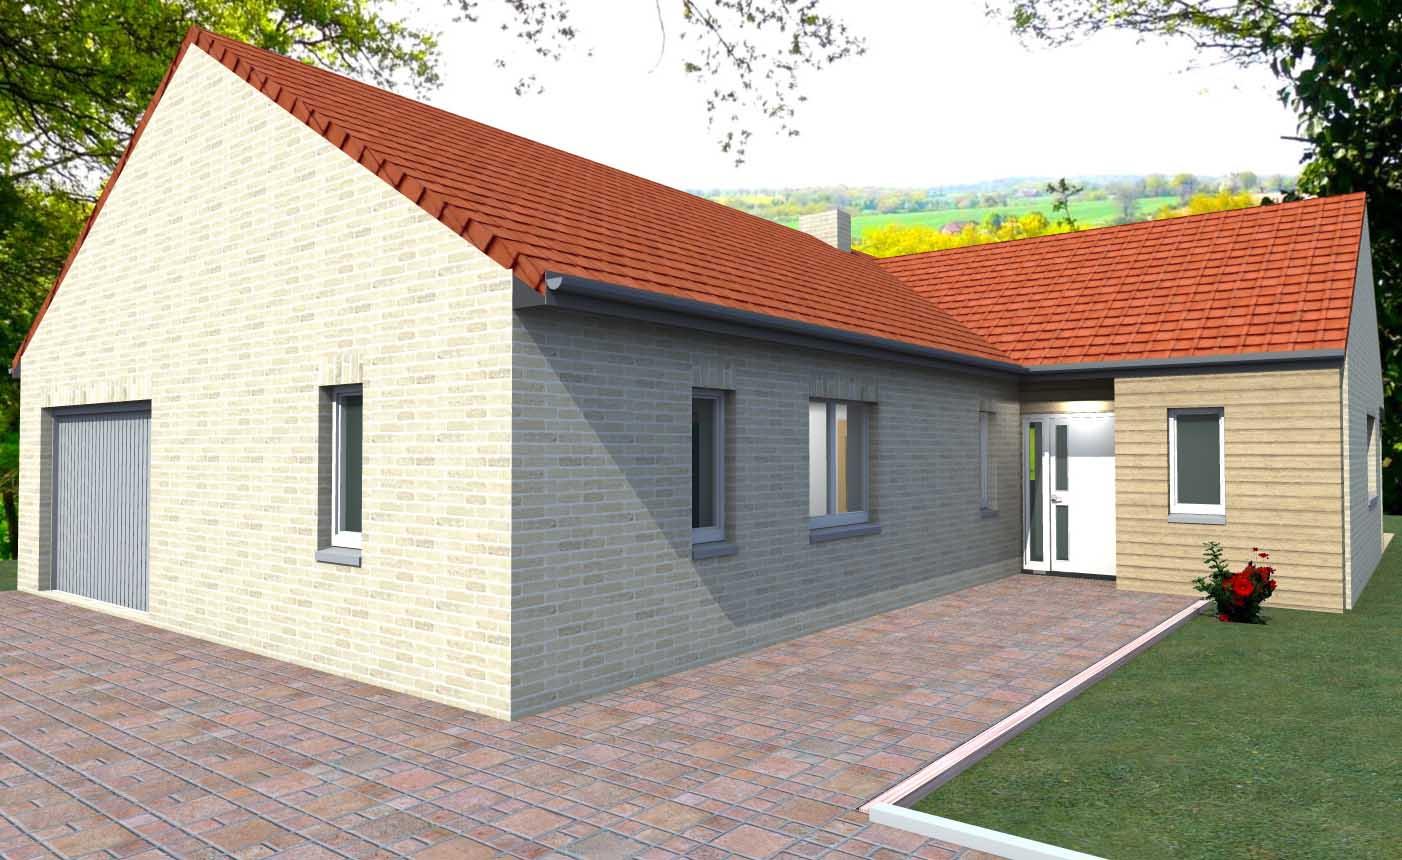 Plan de maison perspective maison garance for Modele facade maison moderne